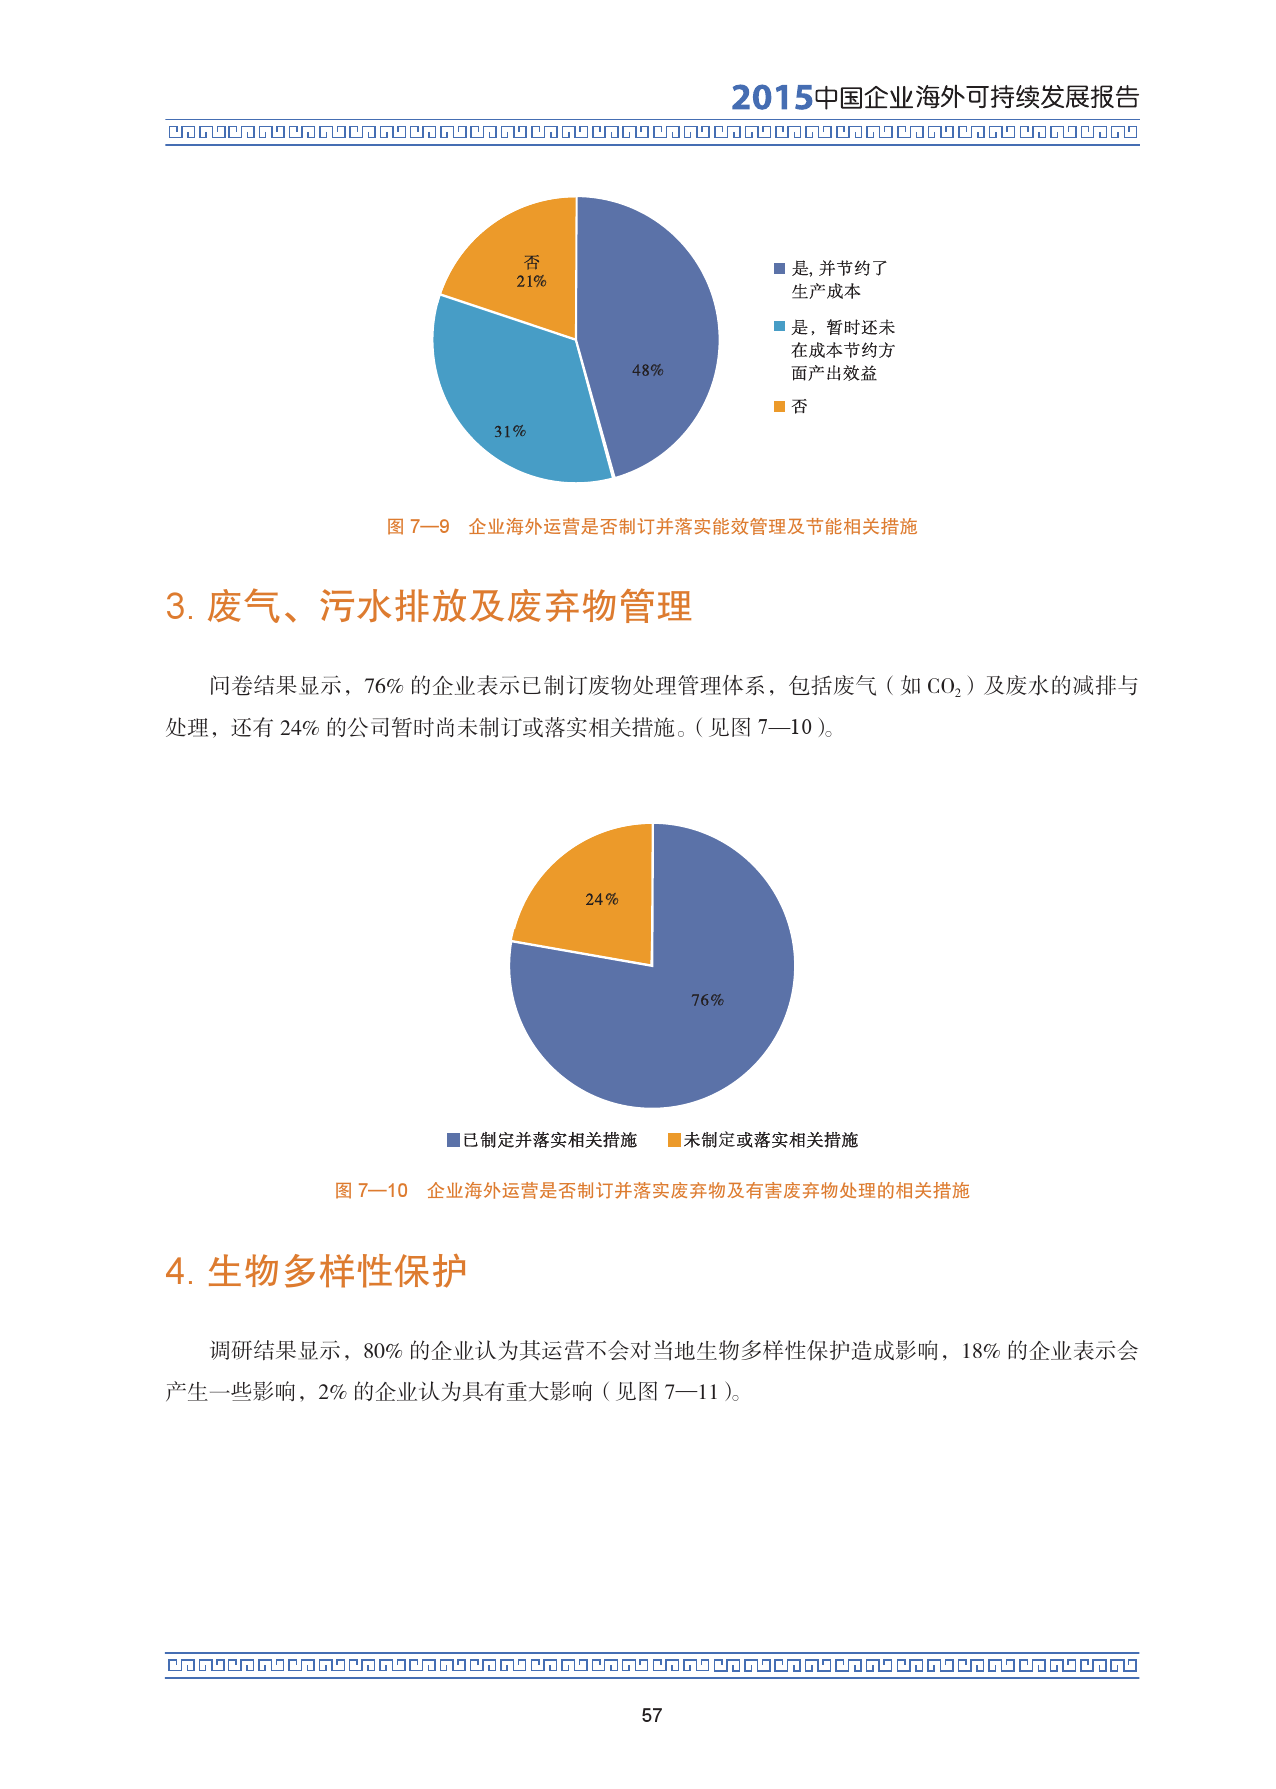 2015中国企业海外可持续发展报告_000071